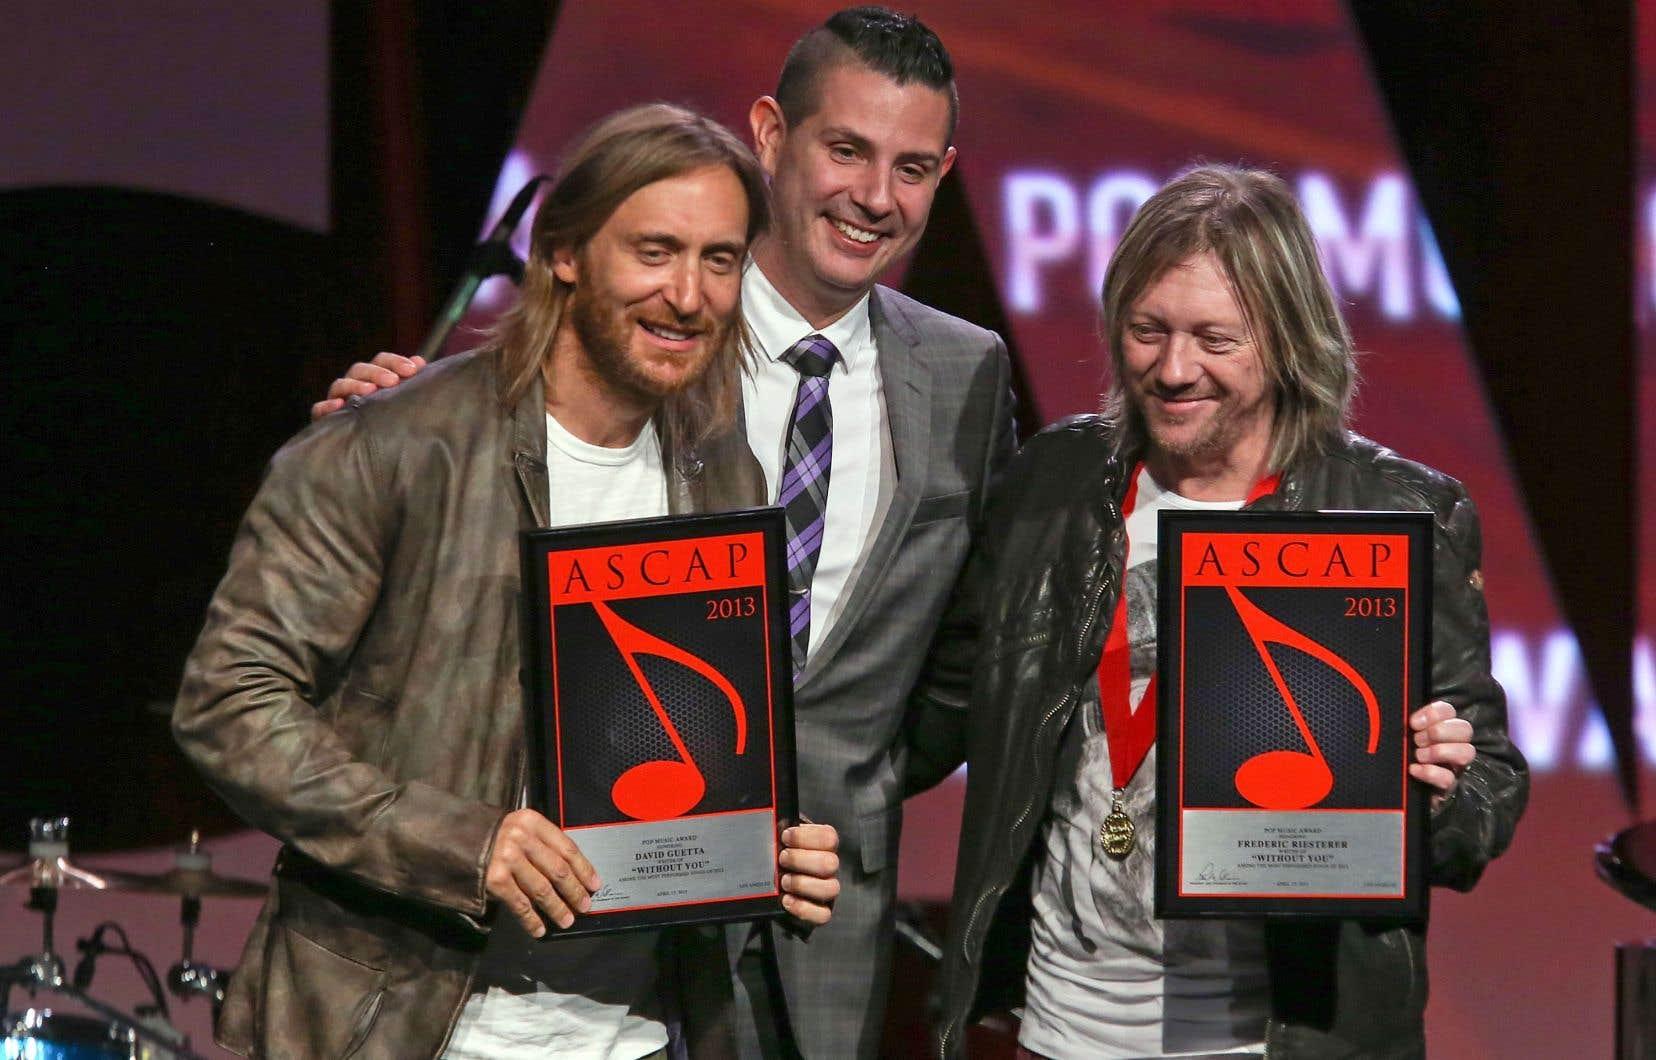 Fred Rister (à droite), de son vrai nom Frédéric Riesterer, a collaboré avec David Guetta (à gauche) depuis les années 2000 et coécrit plusieurs grands succès.